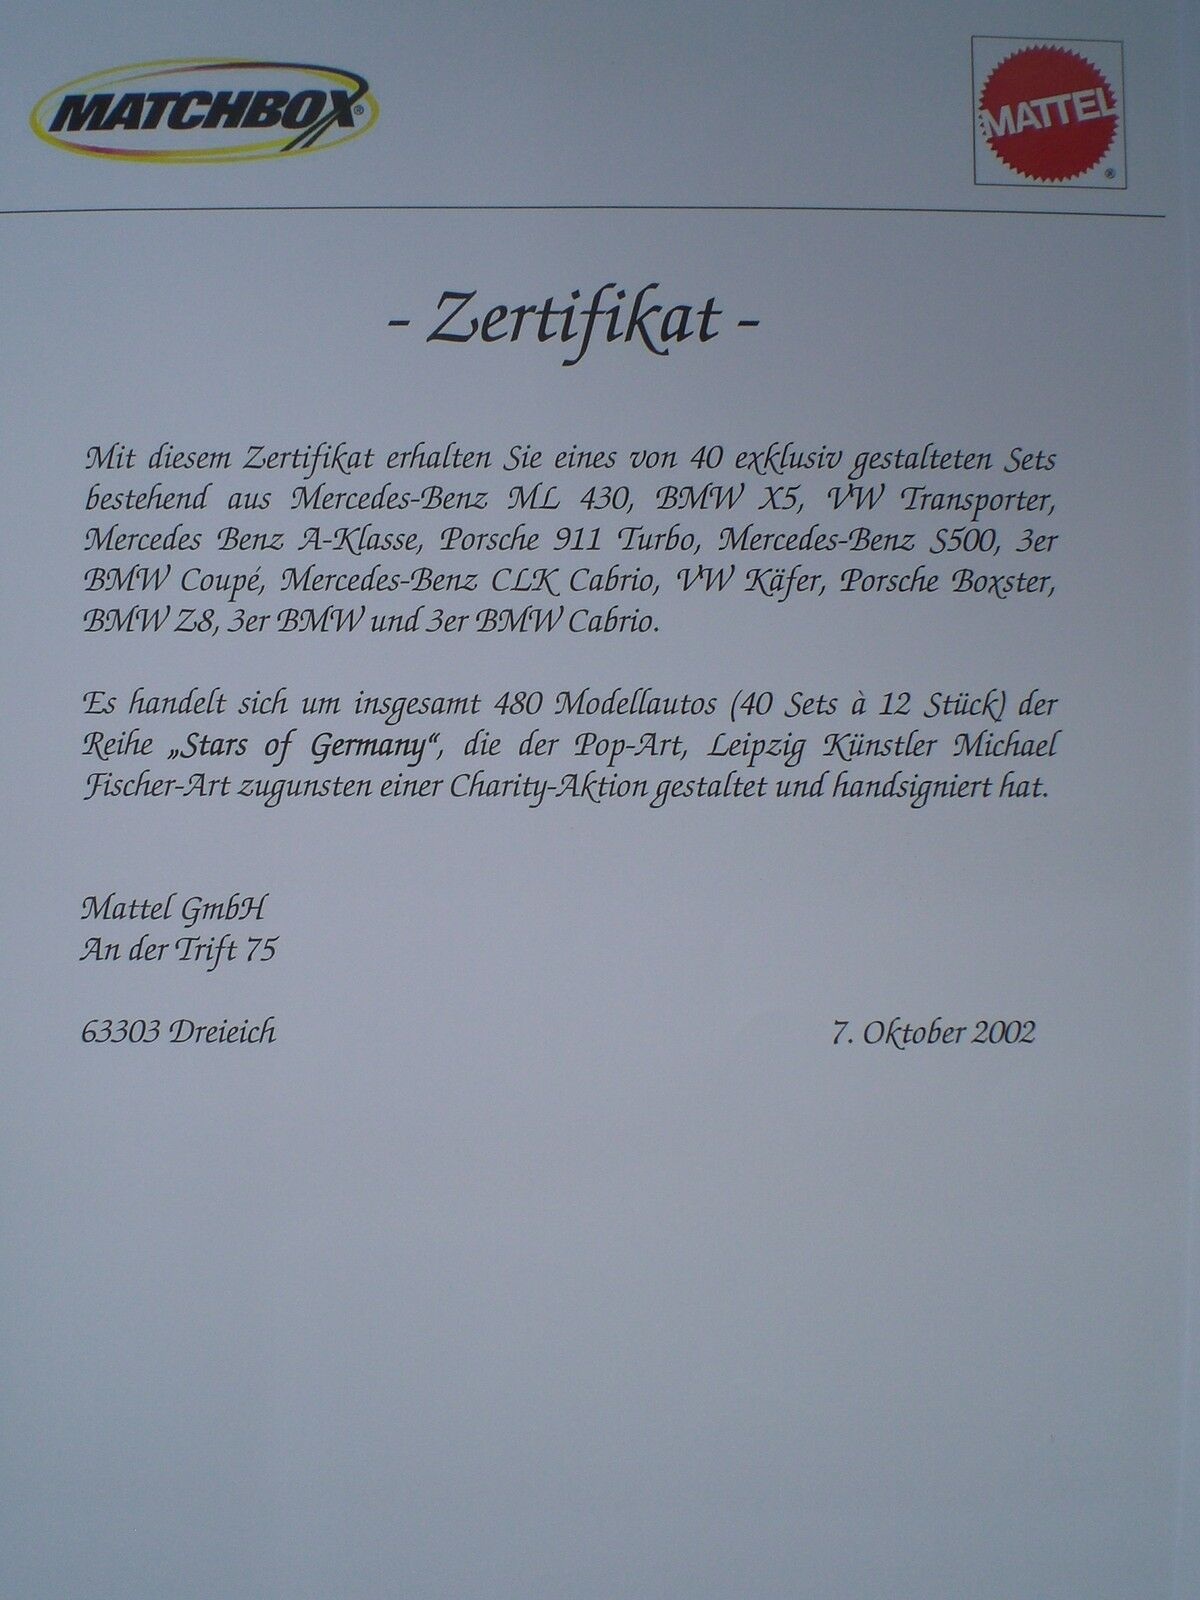 MATCHBOX LIMITIERT FISCHER-ART-SET  23 40 40 40 MERCEDES-BENZ S 500 CODE 1 2002  | Schöne Kunst  b0e2cb